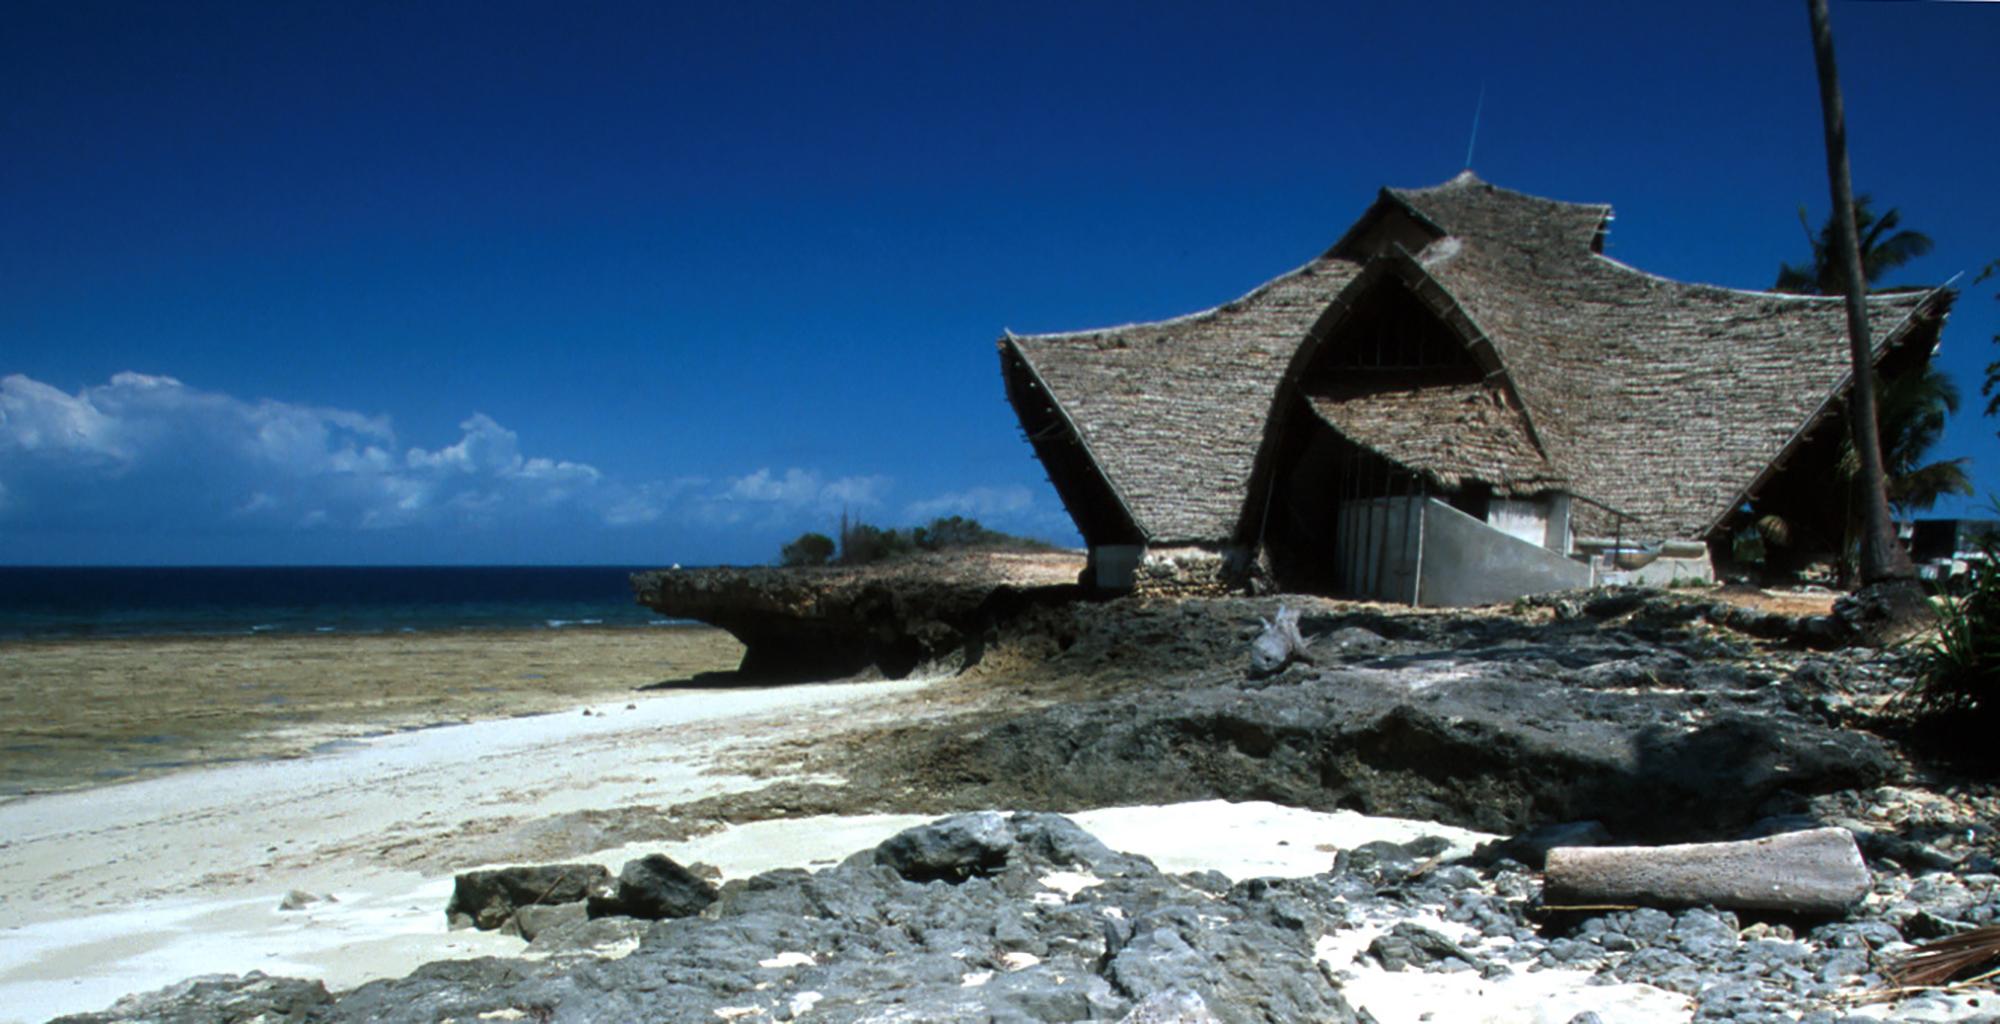 Tanzania-Chumbe-Island-Lodge-Exterior